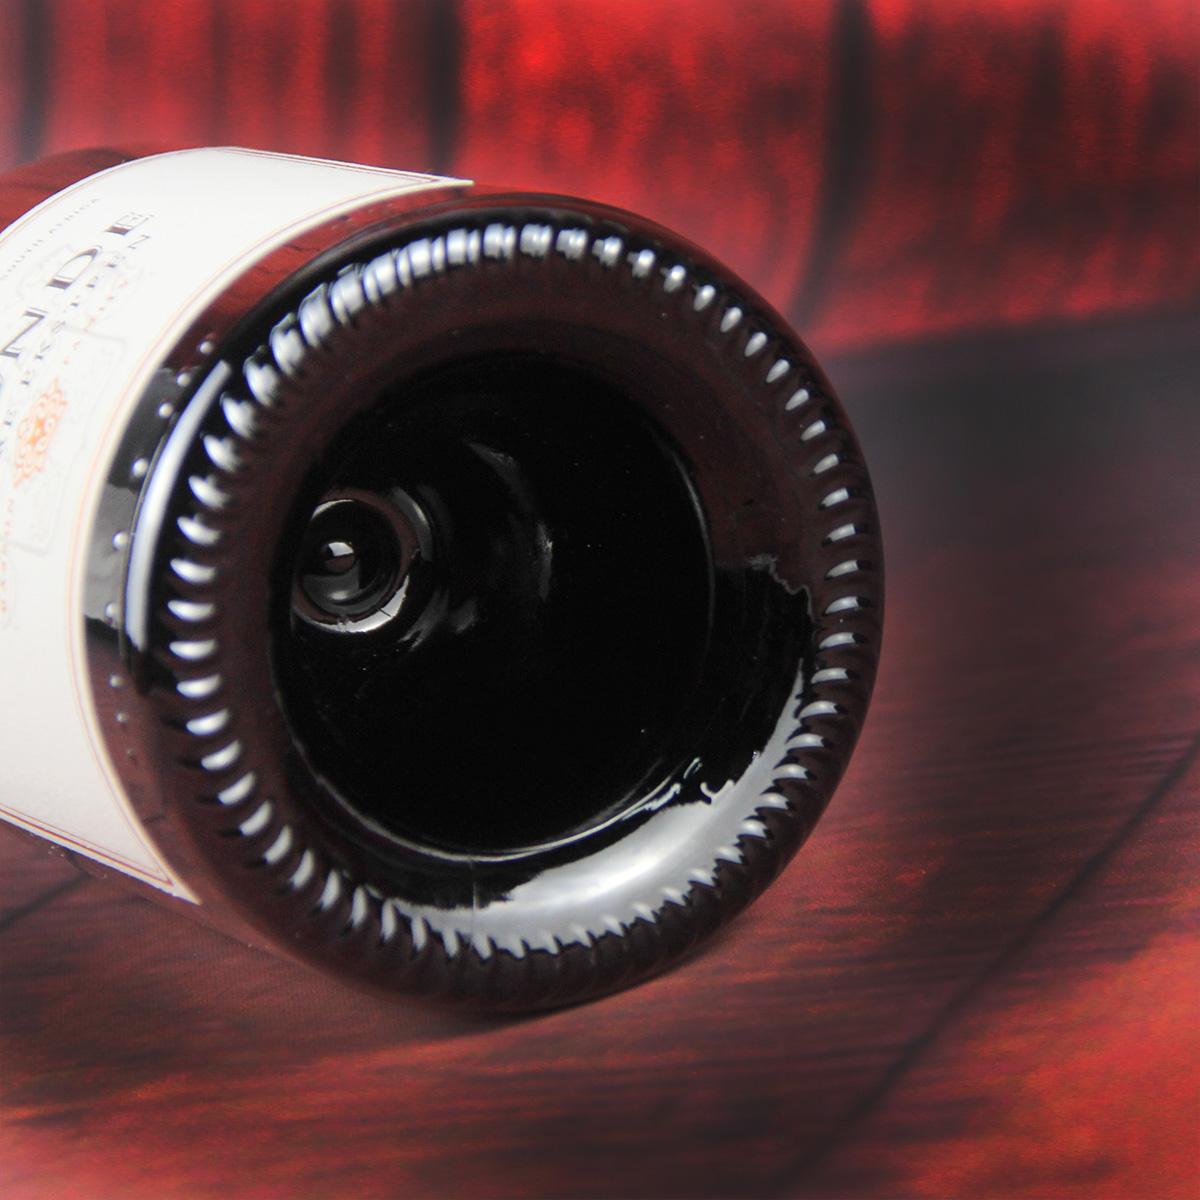 南非西开普奥曼迪酒庄设拉子歌海娜干红葡萄酒